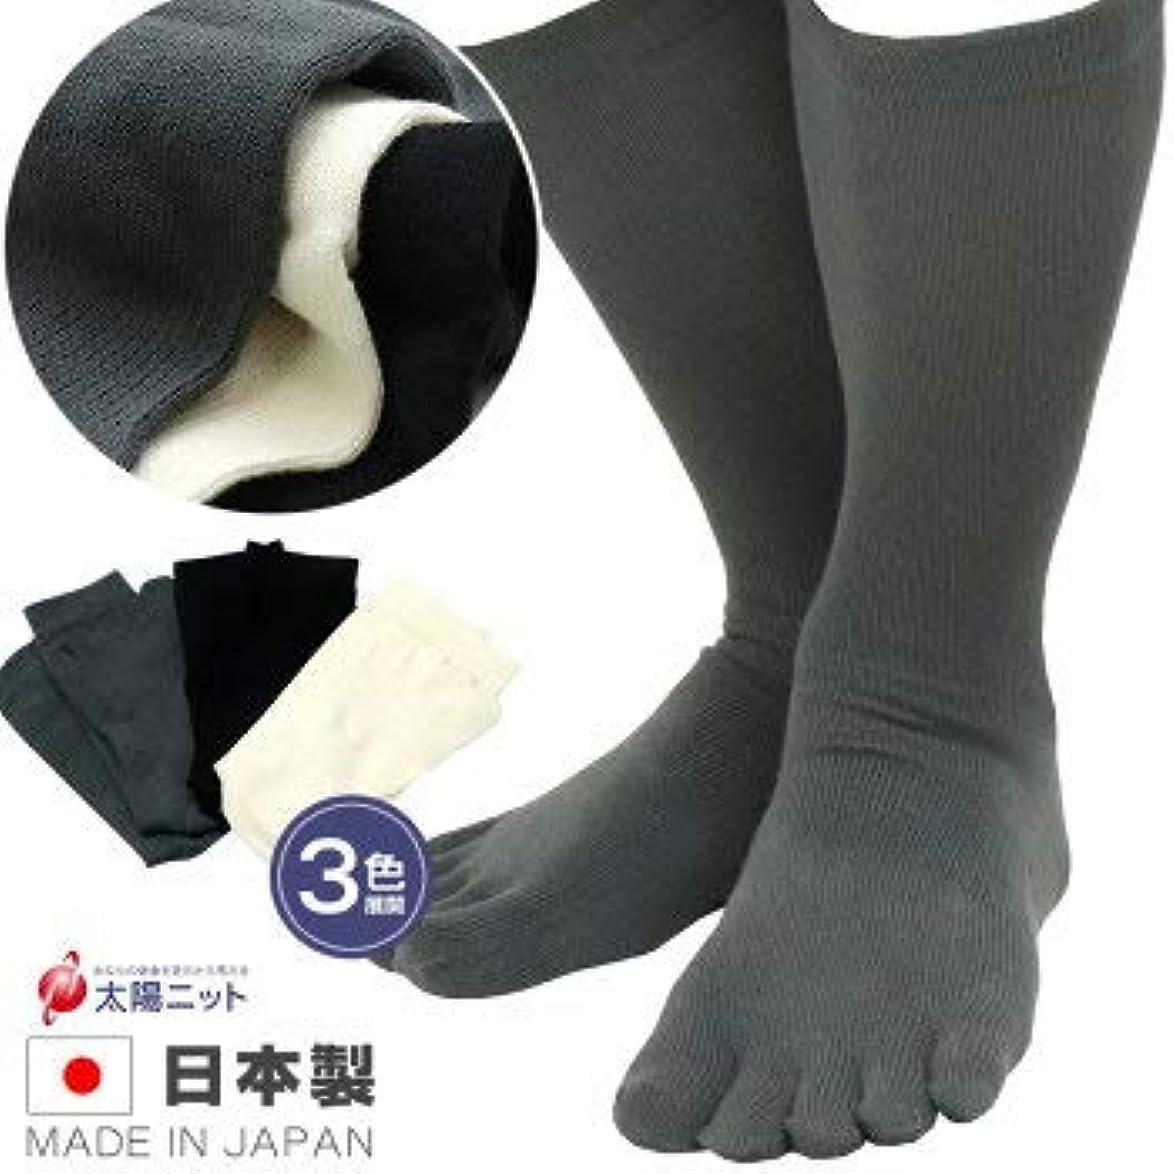 ひいきにする才能開始男性用 綿100% 5本指 靴下 におい ムレ 対策 24-26㎝ 太陽ニッ ト321 (グレー)